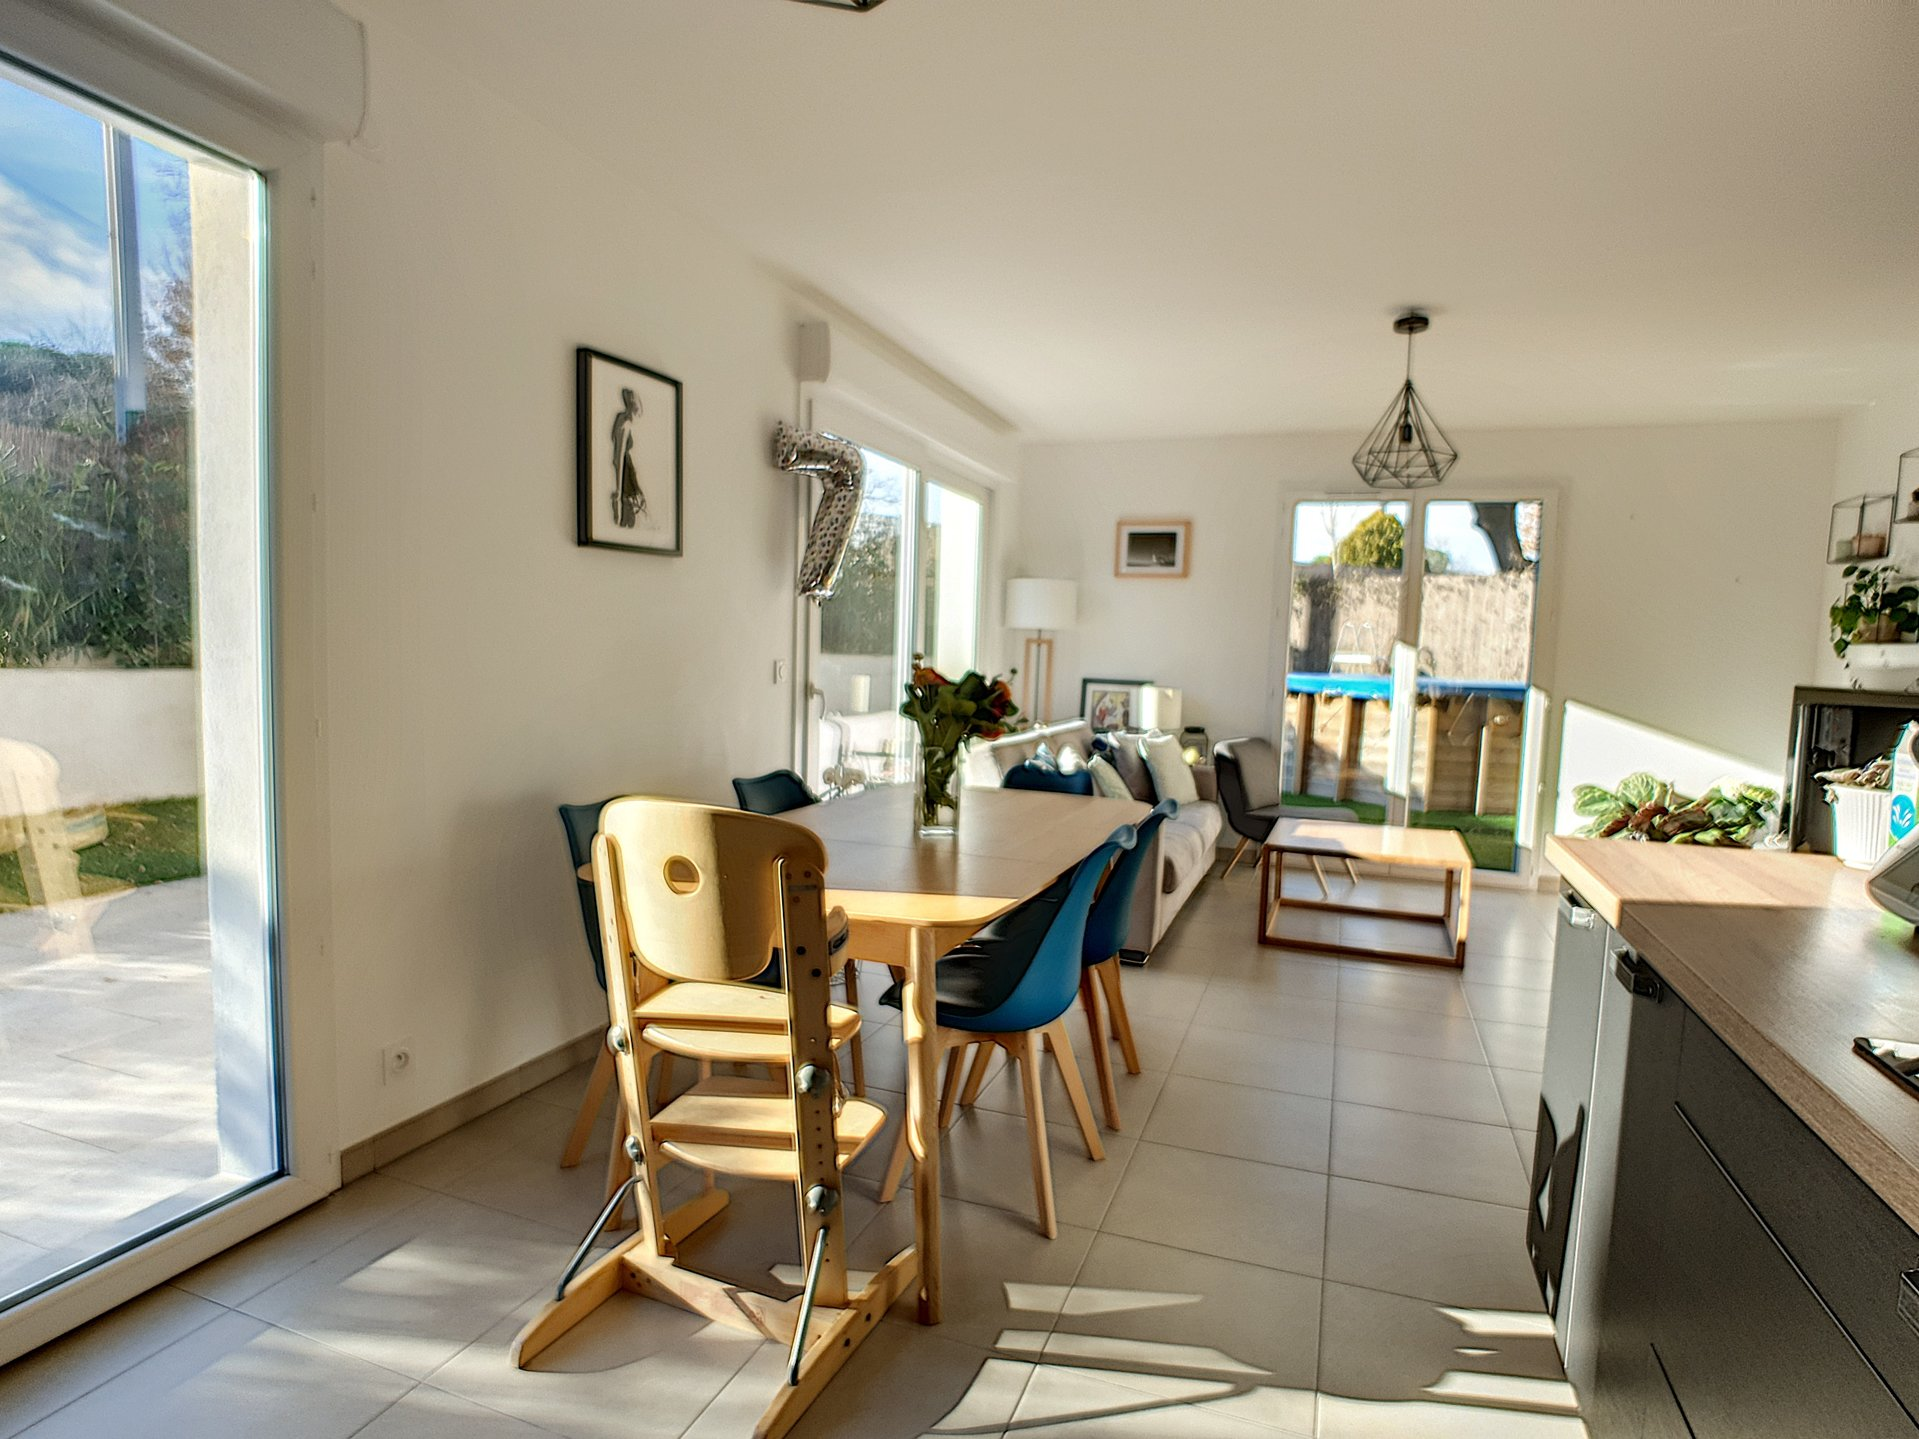 Vente villa individuelle récente 4P, Grasse SaintJacques